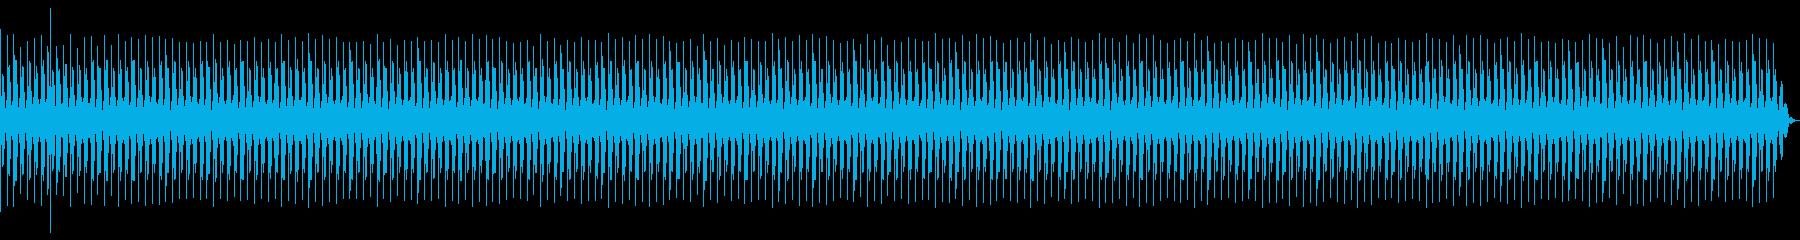 ゲーム、クイズ(ブー音)_016の再生済みの波形